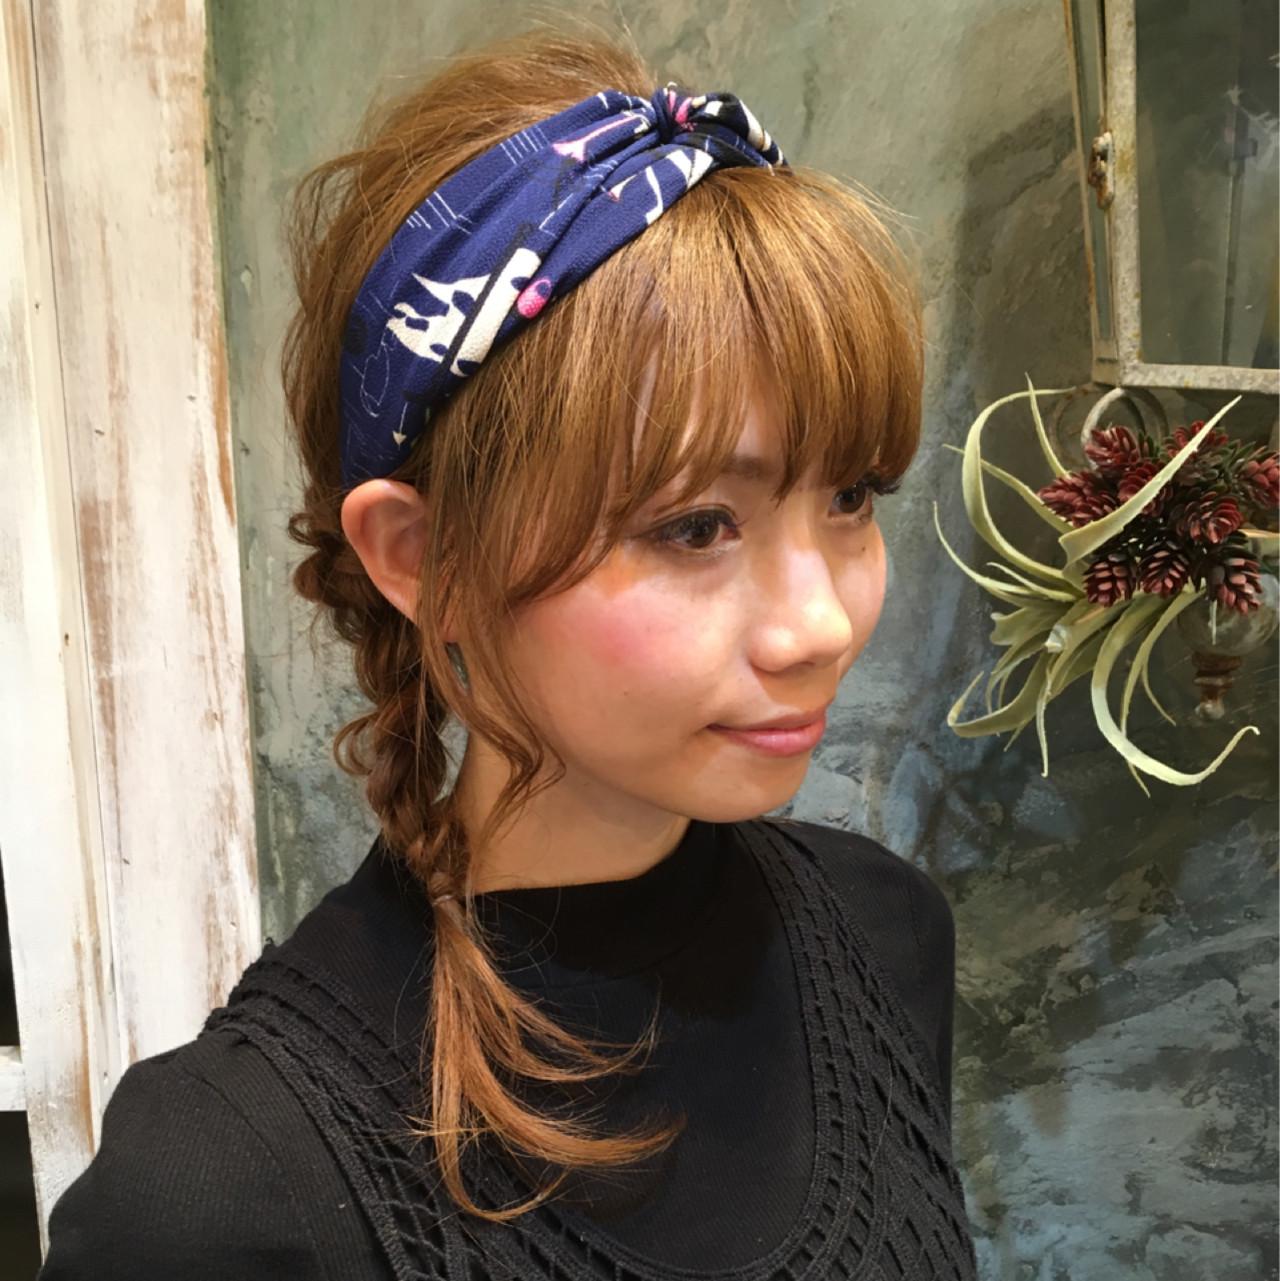 簡単ヘアアレンジ ミディアム ヘアアレンジ 大人かわいい ヘアスタイルや髪型の写真・画像 | 西川 賢一 blast / blast